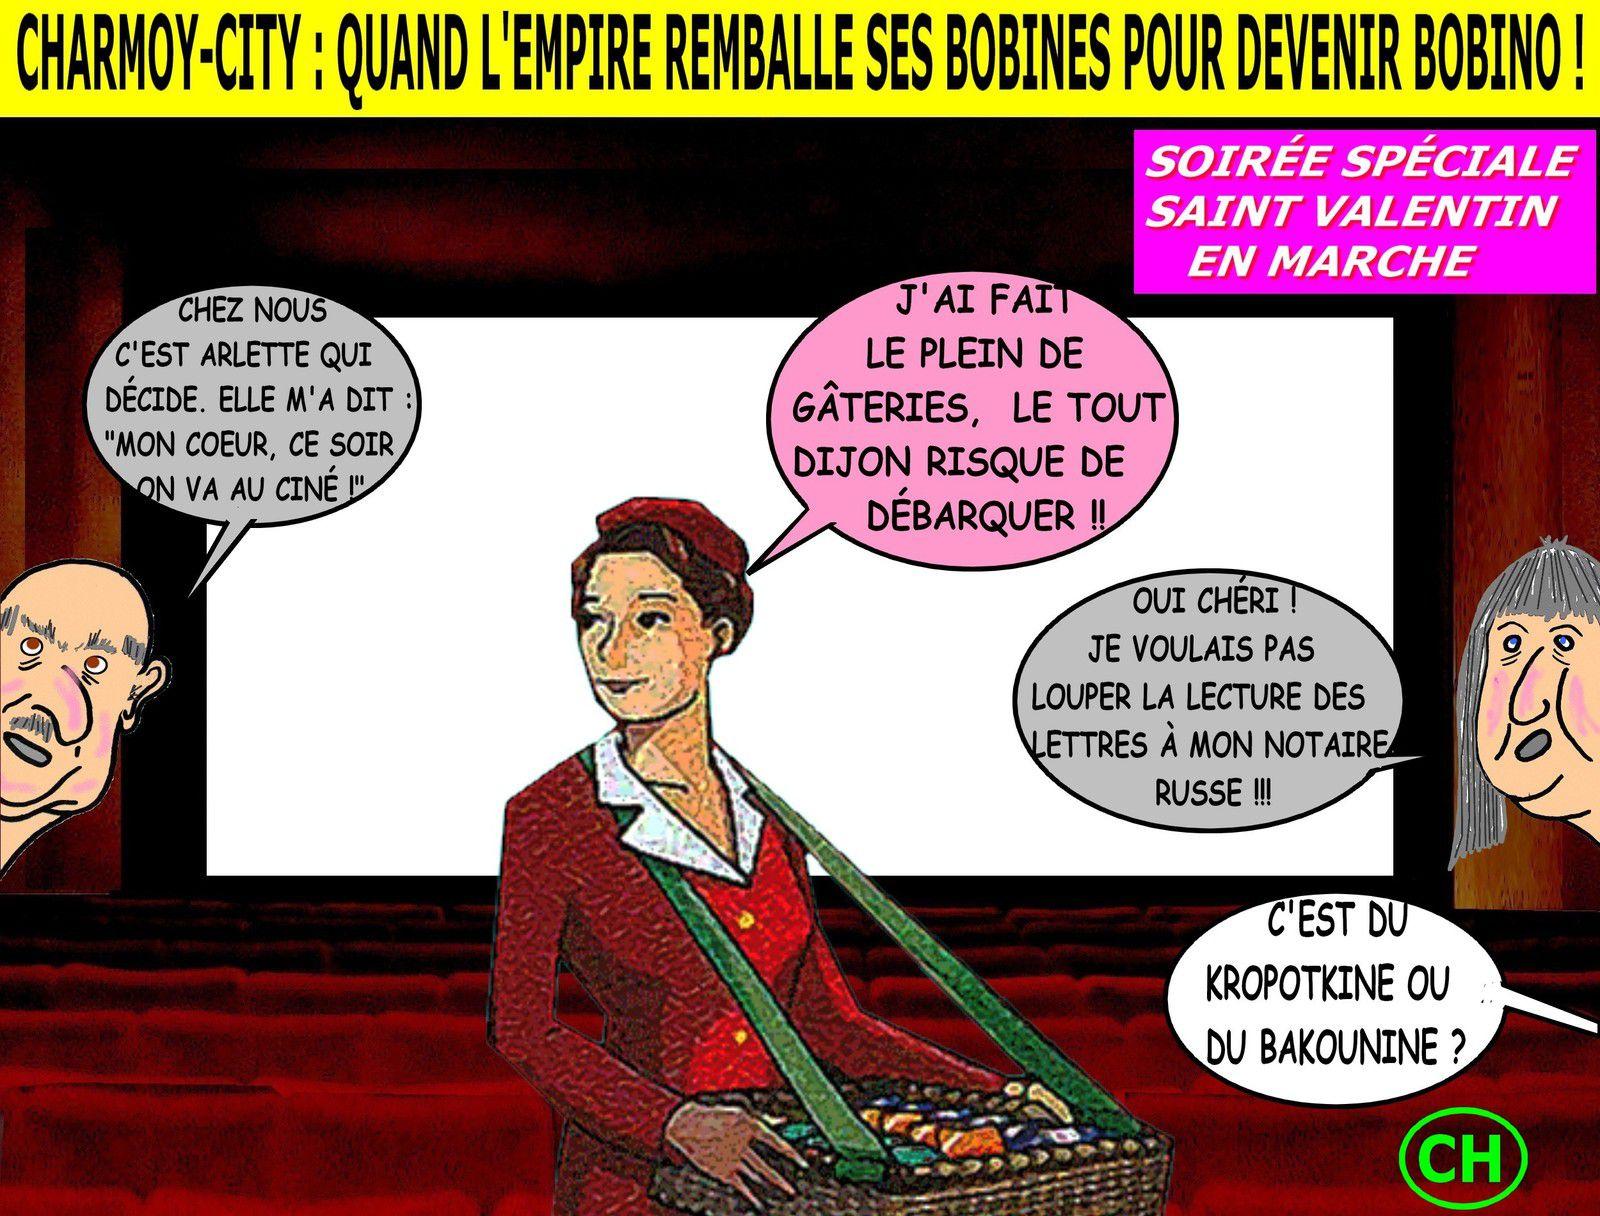 Charmoy-city, quand l'Empire remballe ses bobines pour devenir Bobino.jpg